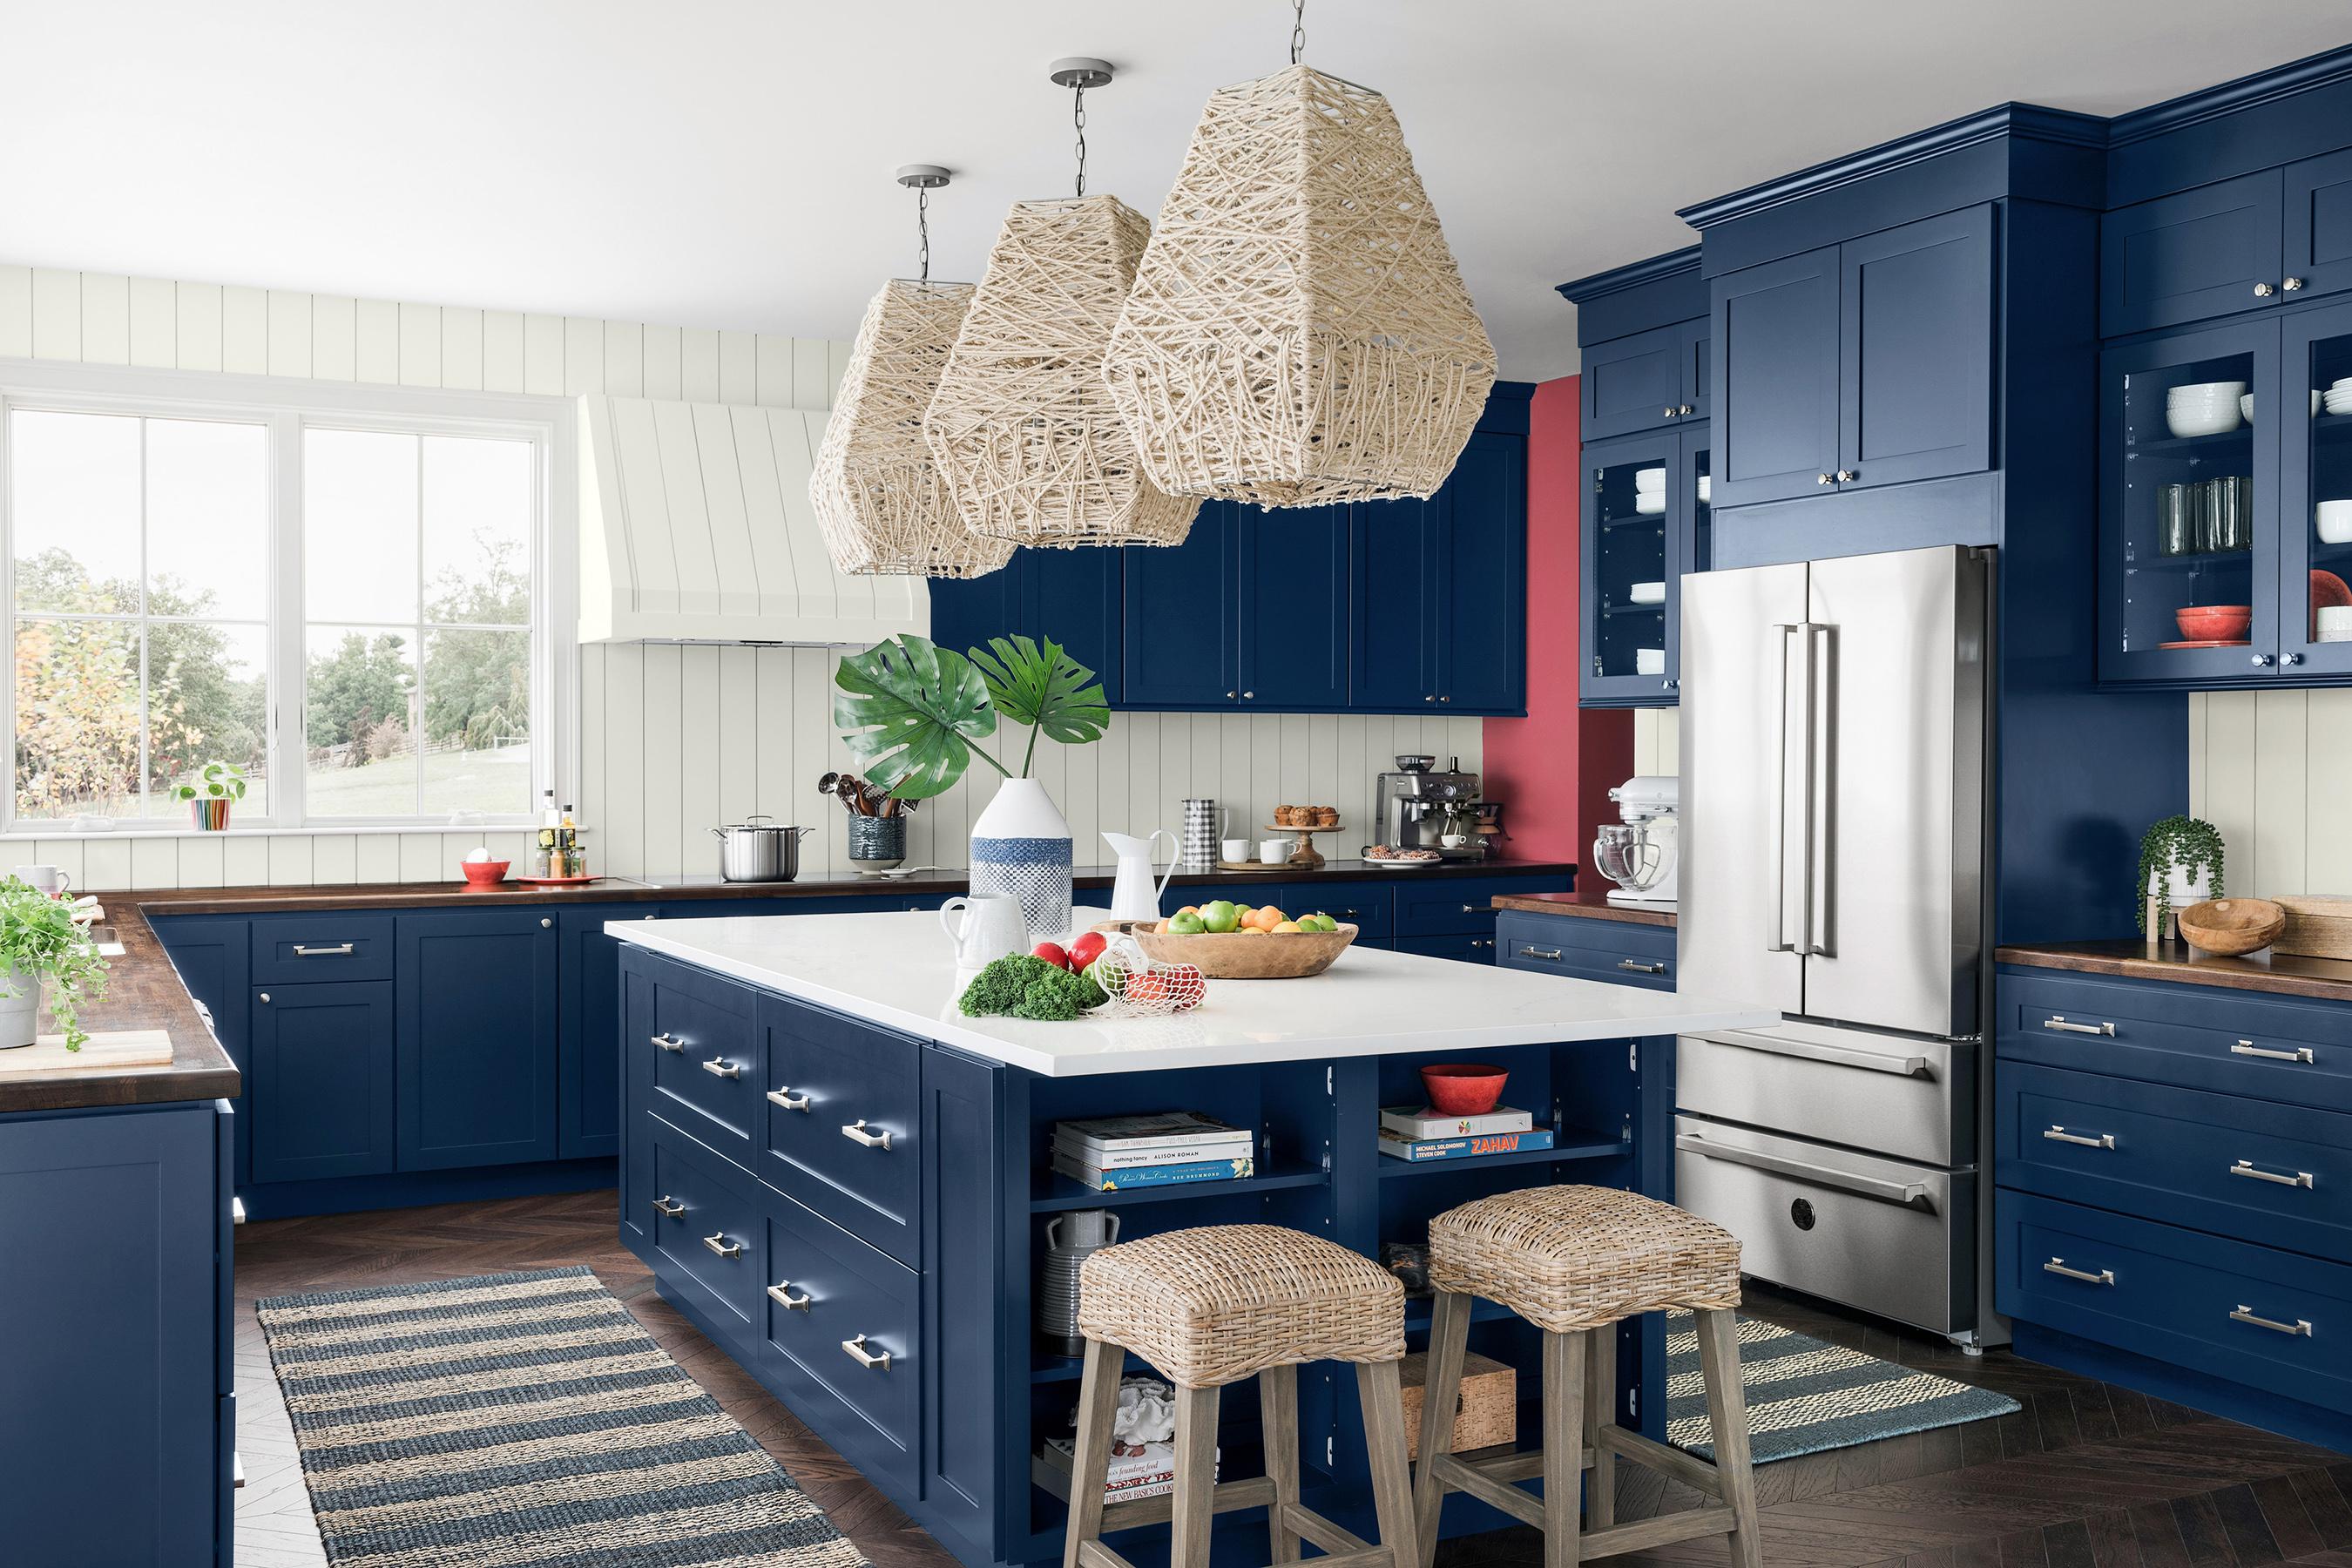 HGTV Dream Home 2021 Kitchen